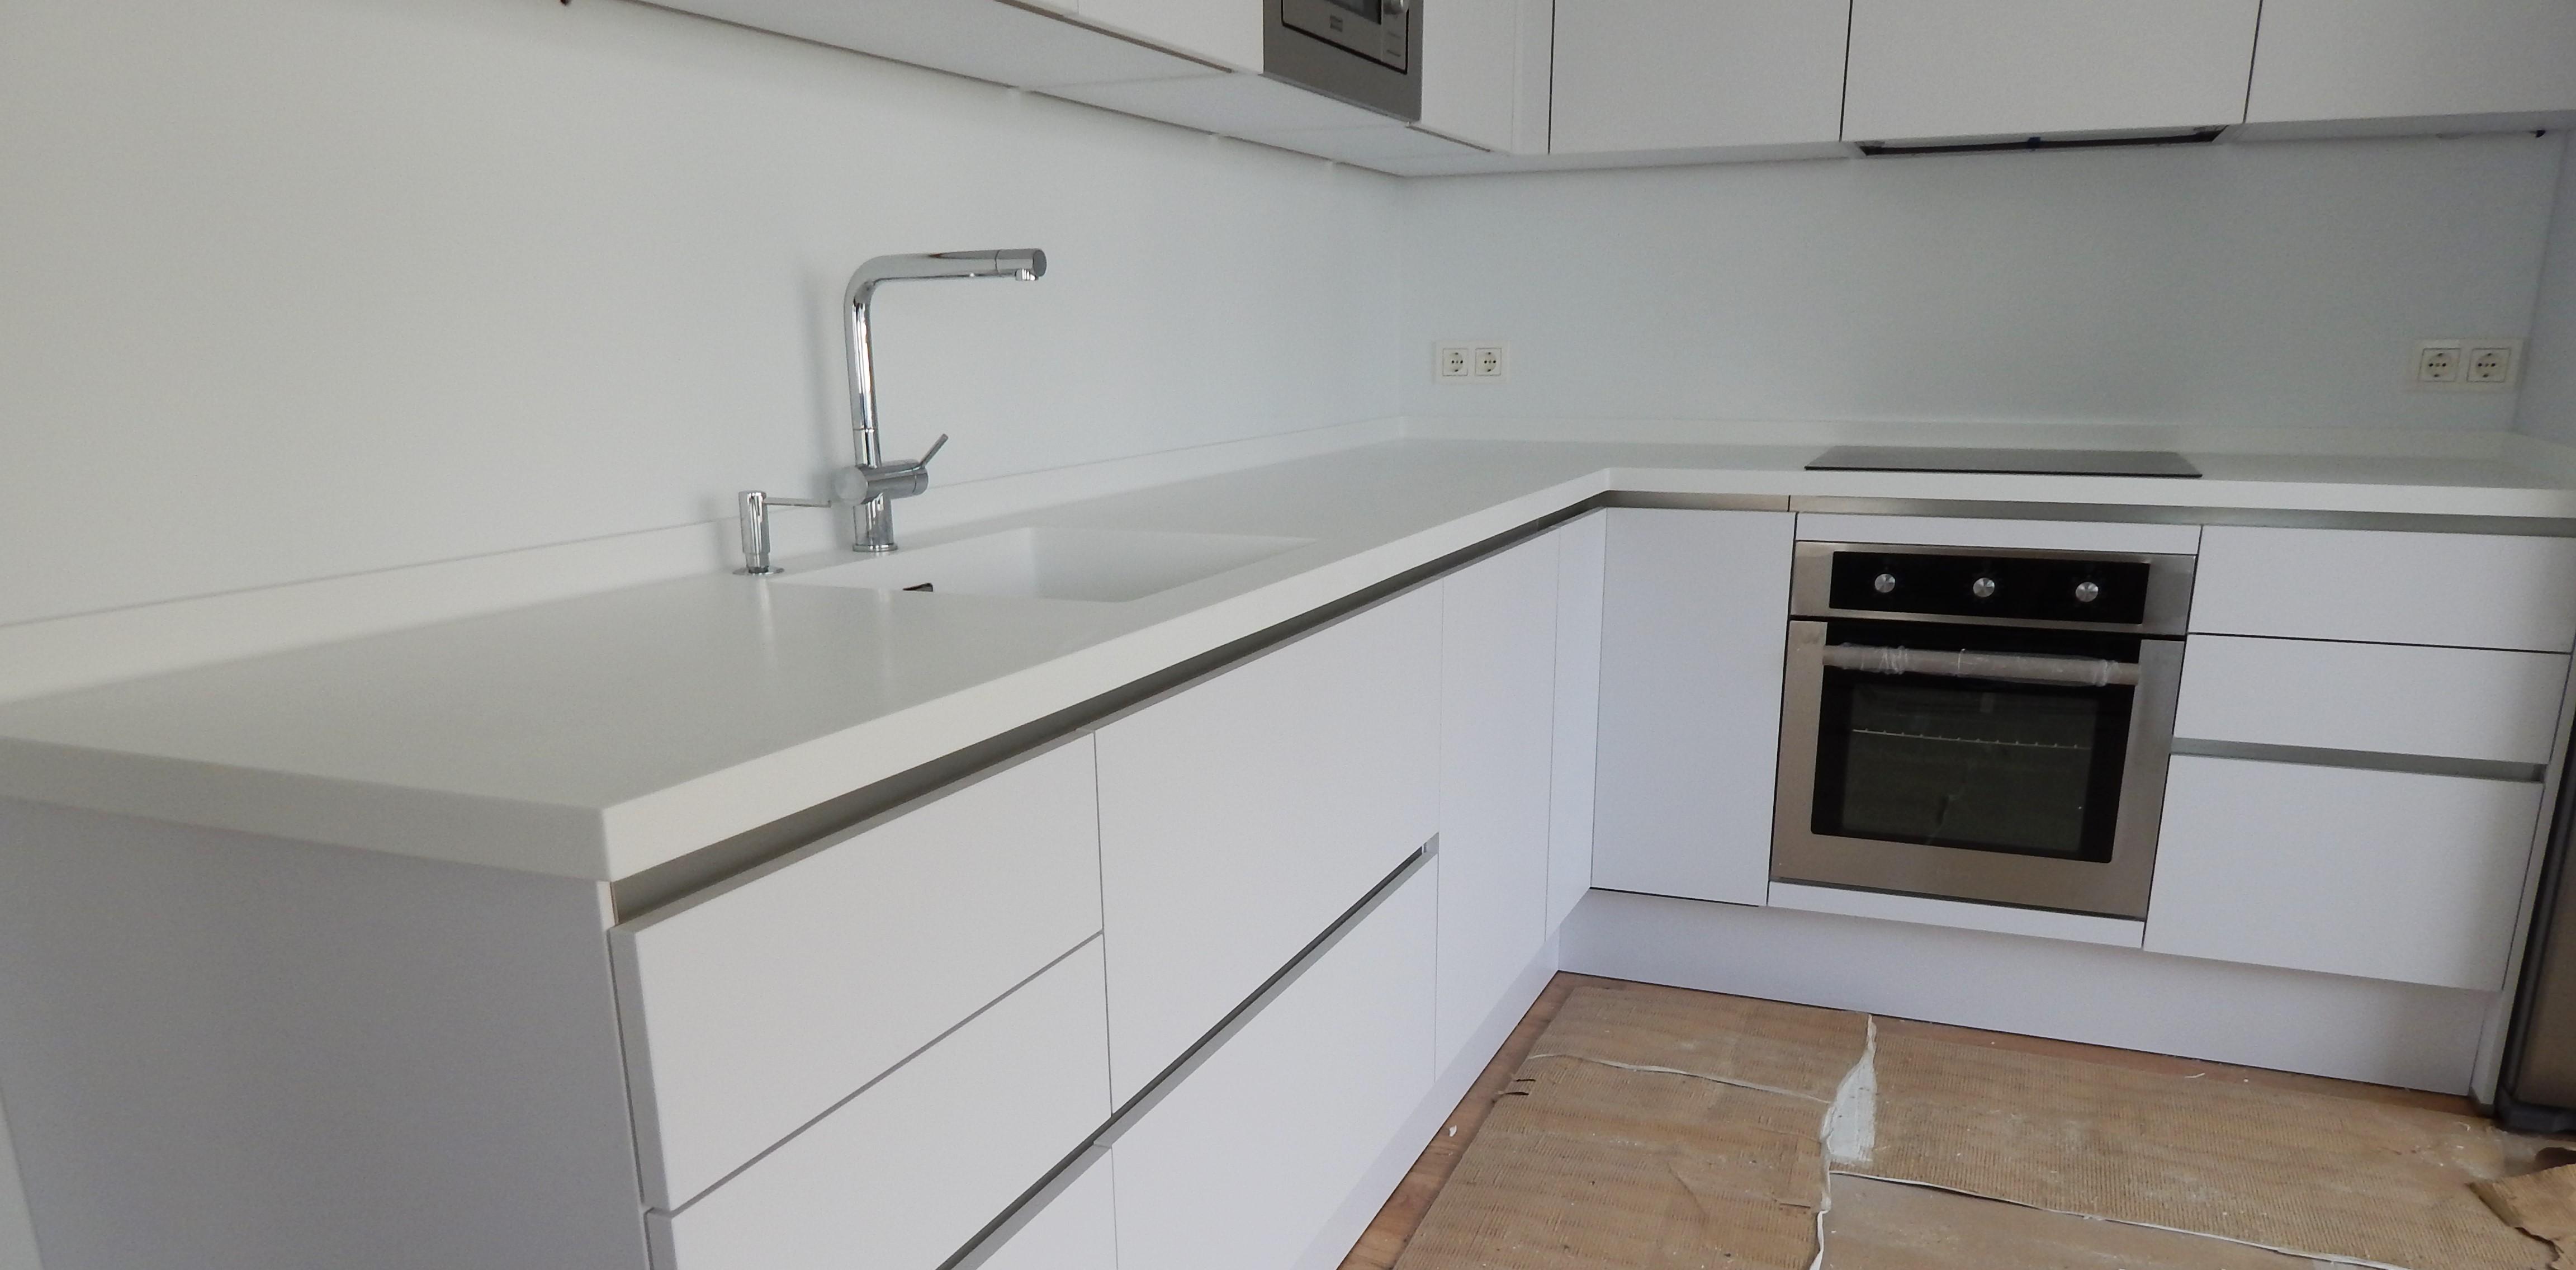 Blanco polar acabado mate for Acabados de muebles de cocina